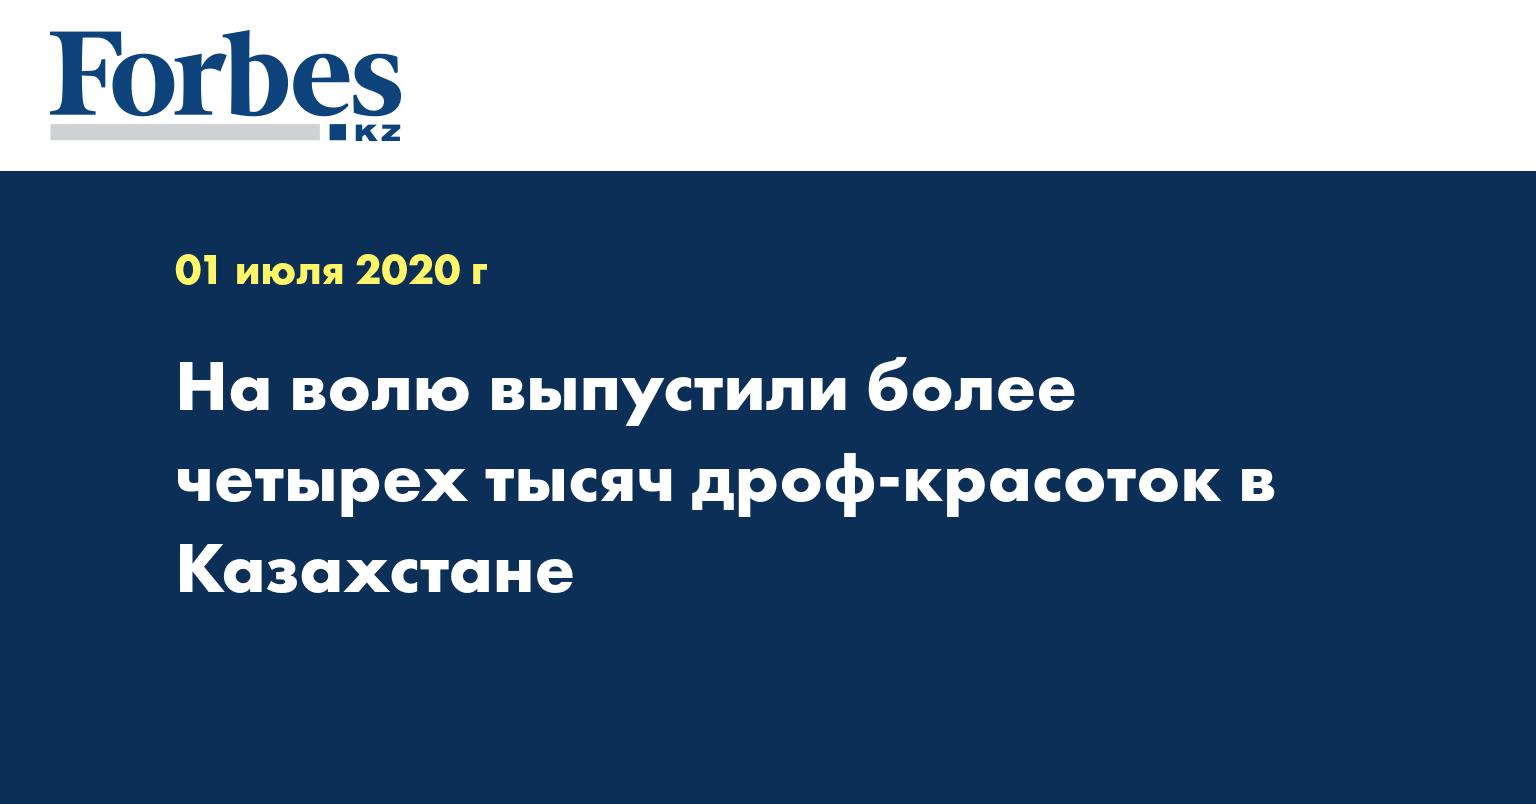 На волю выпустили более четырех тысяч дроф-красоток в Казахстане